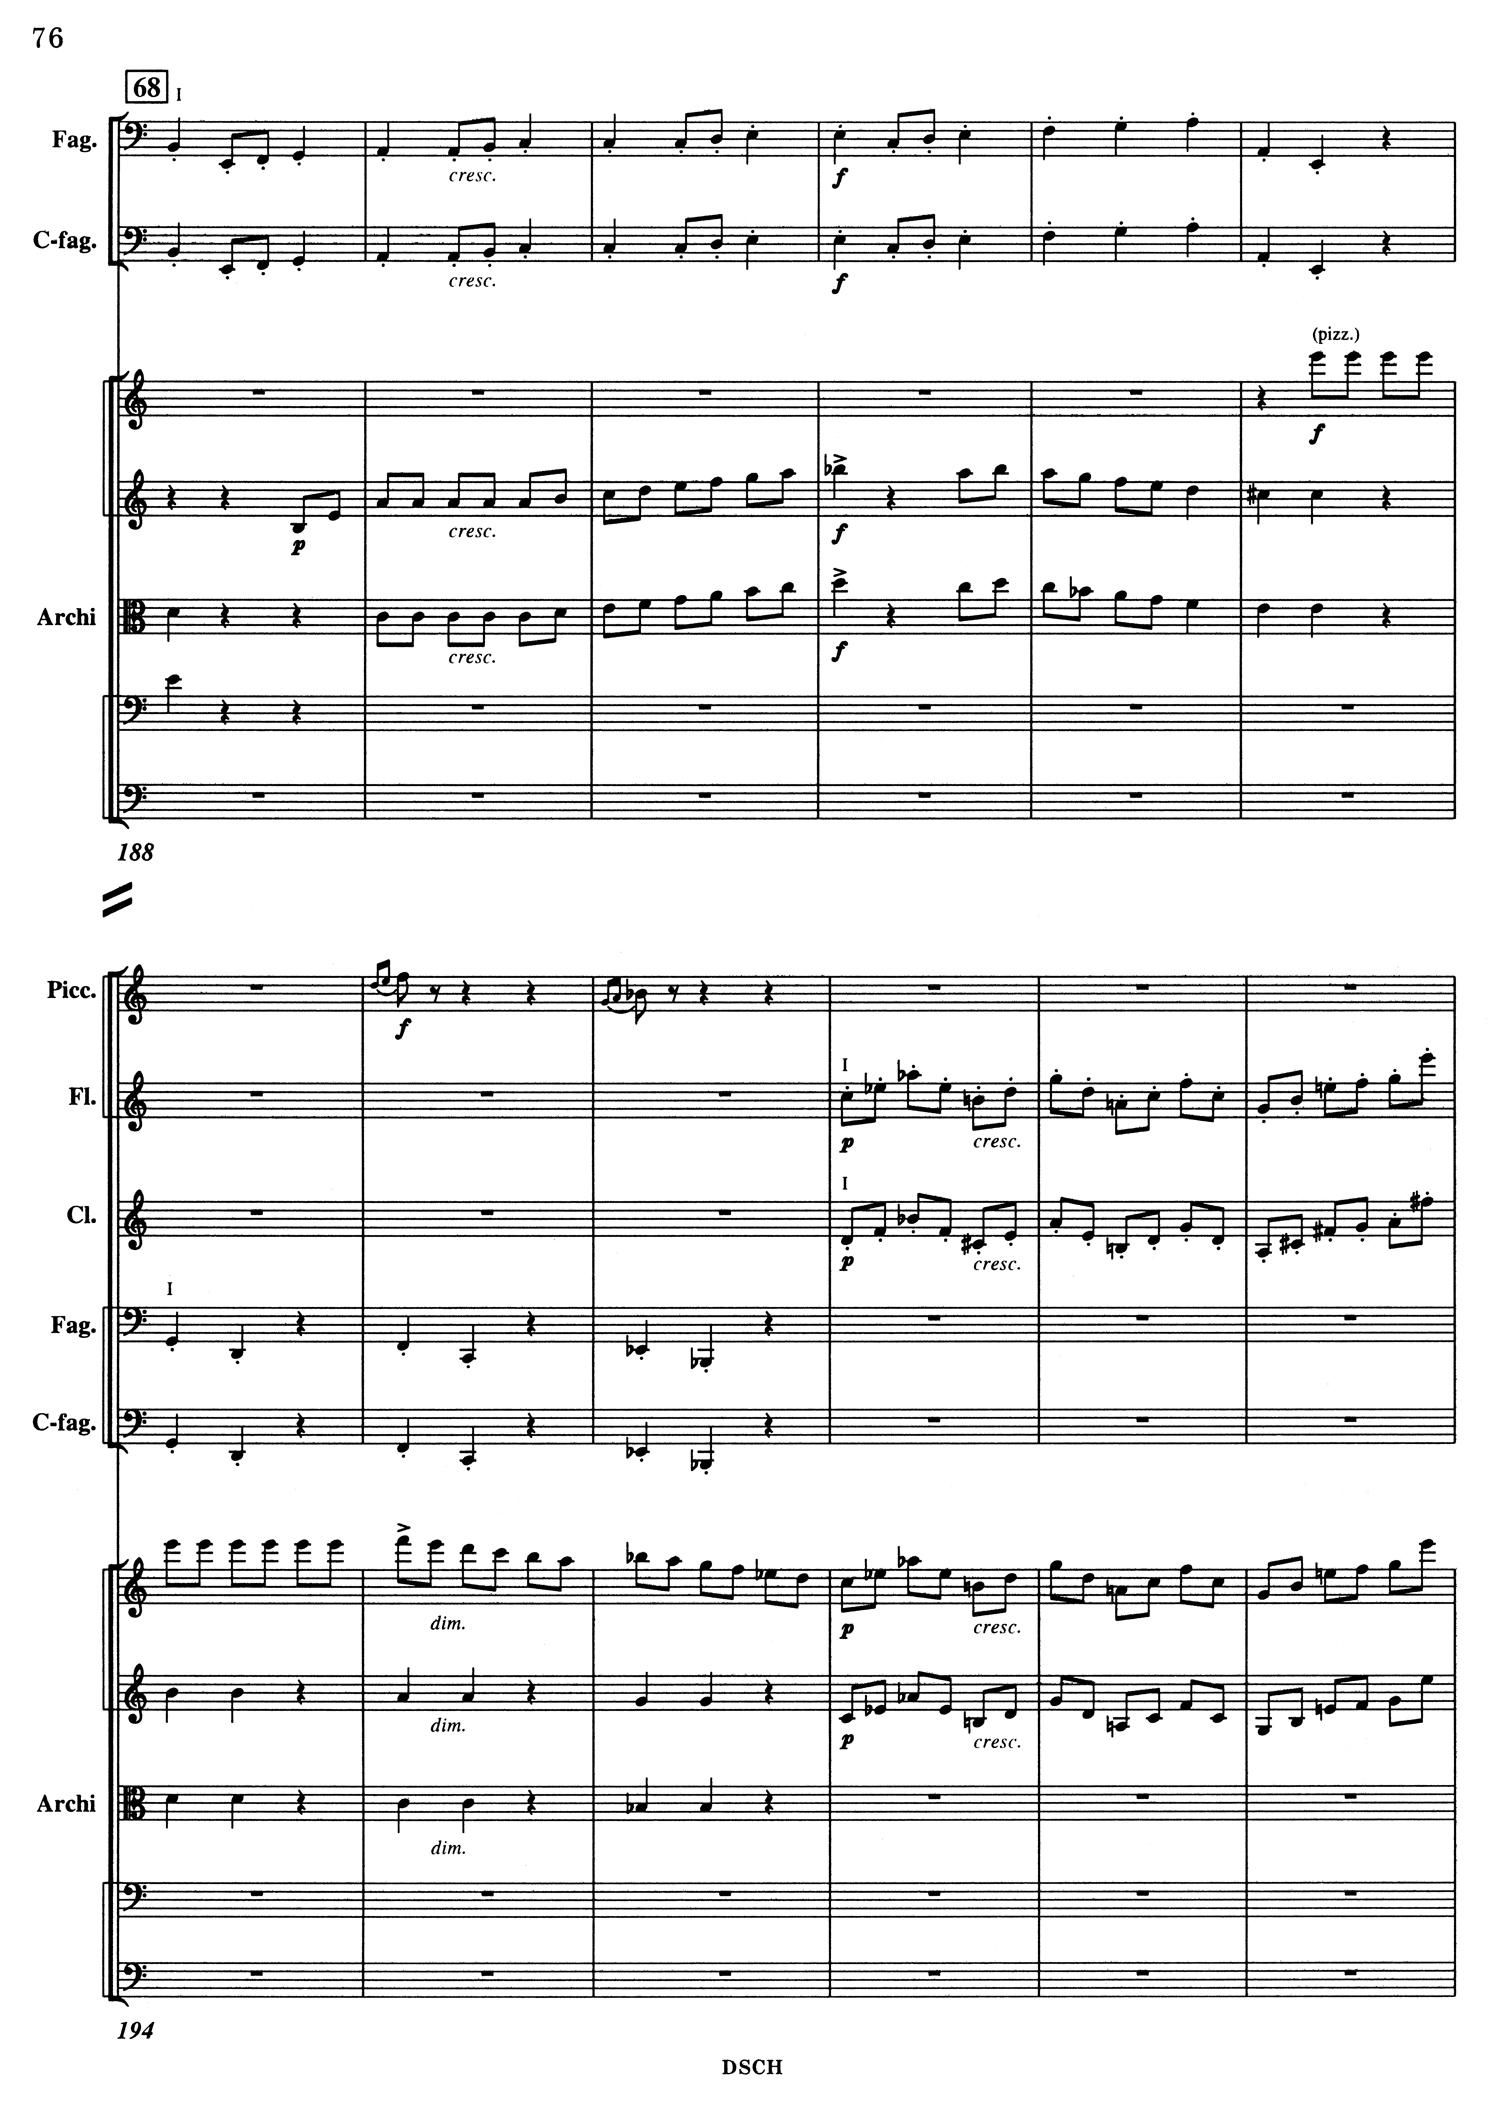 Shostakovich 5 Score 3.jpg